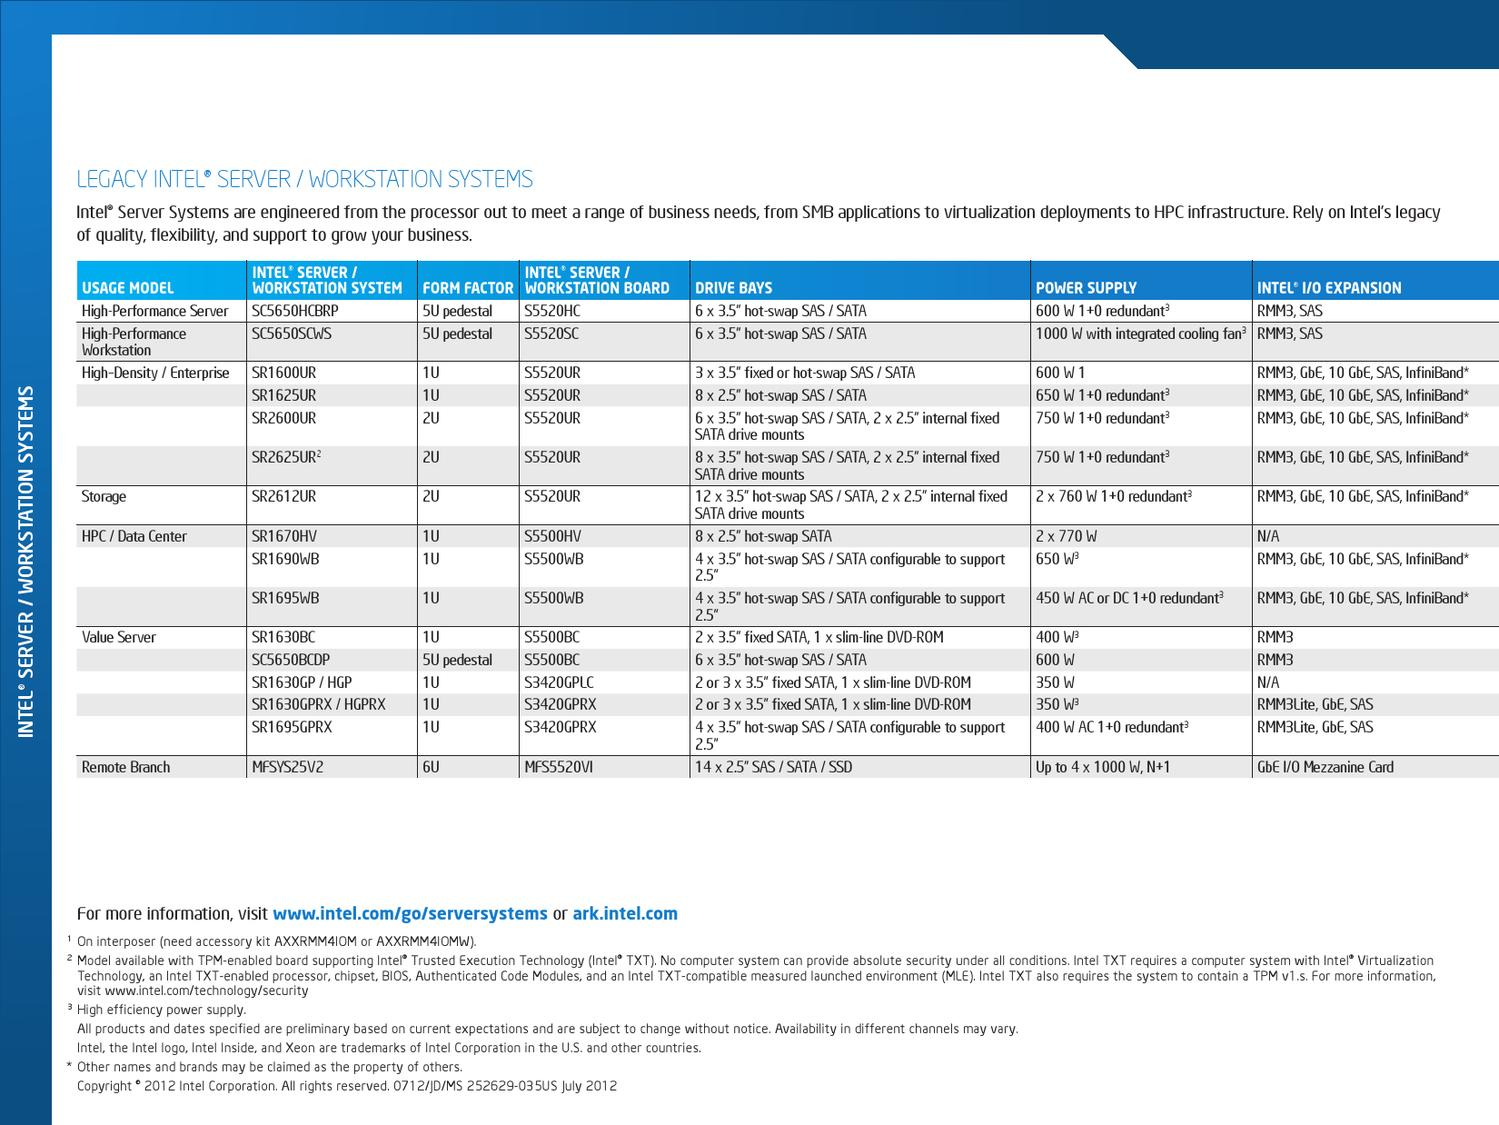 Intel Power Supply Internal 650 Watt For Server System Sr1690wb Intel